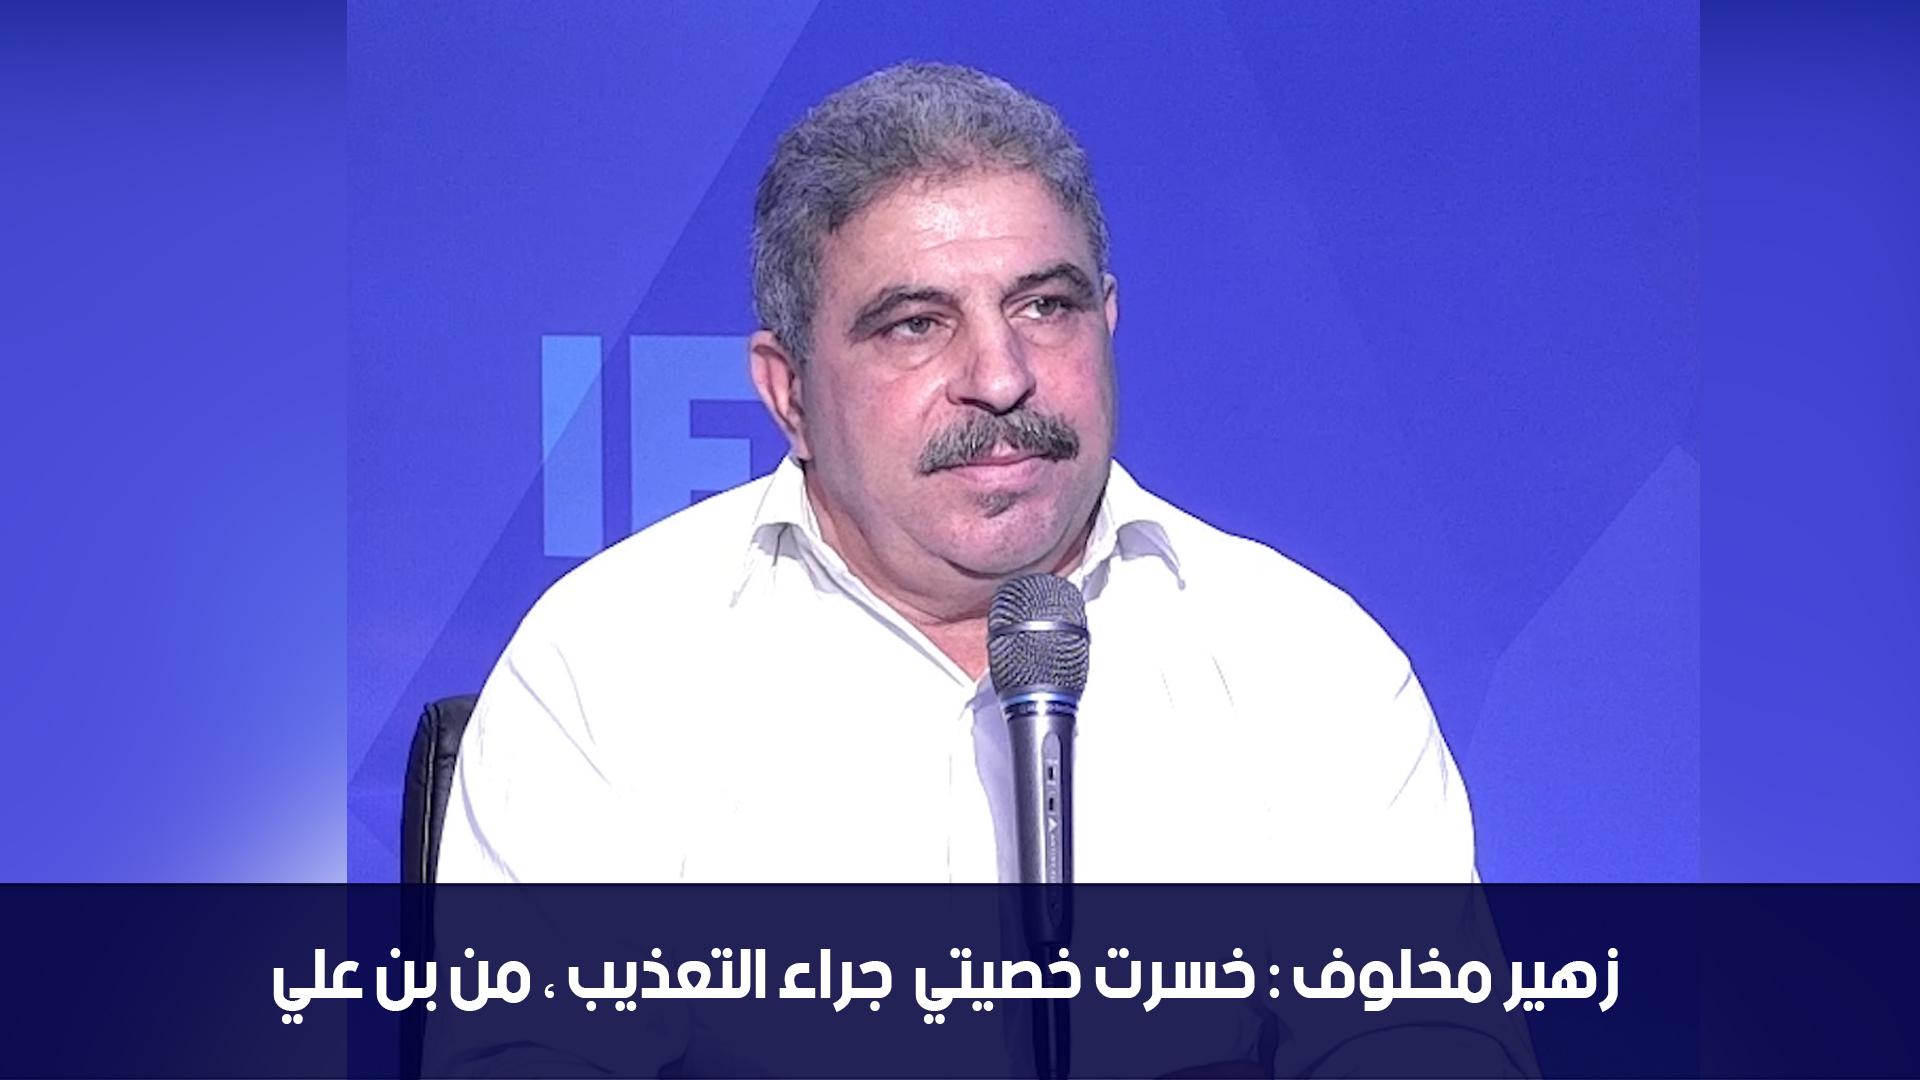 زهير مخلوف : خسرت خصيتي جراء التعذيب ، من بن علي